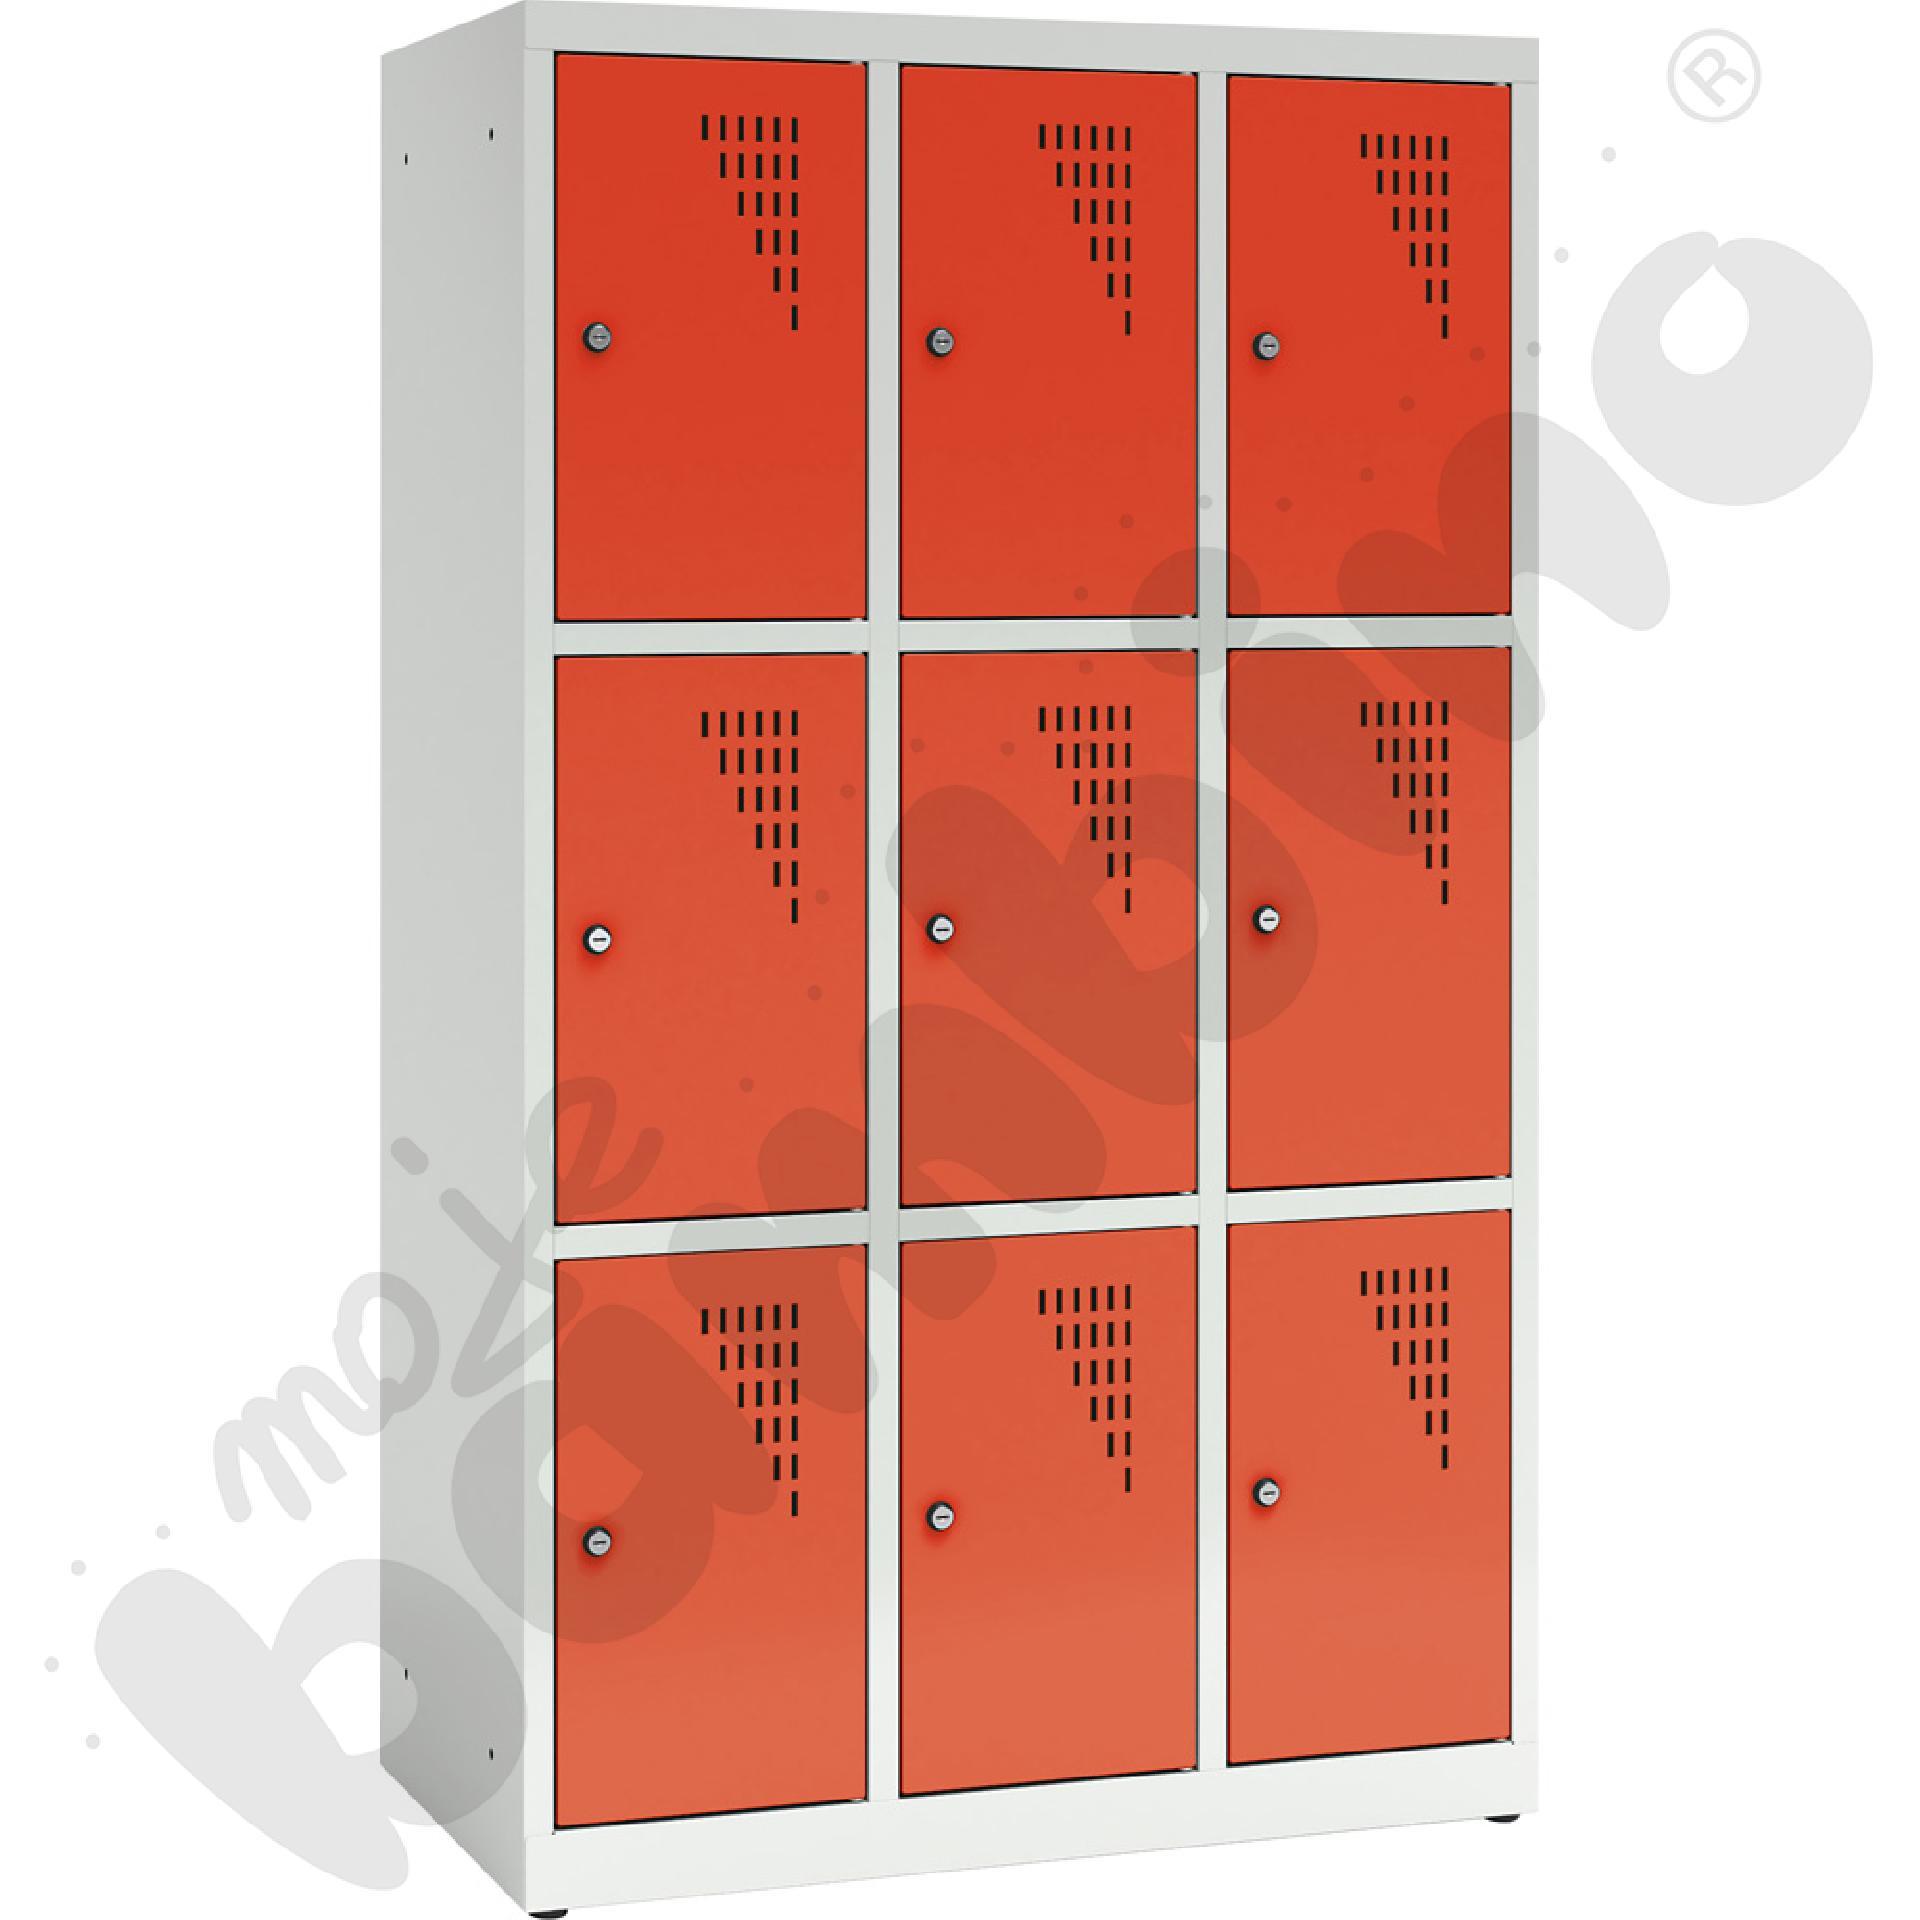 Szafa ubraniowa z 9 schowkami, 150 cm - drzwi czerwone